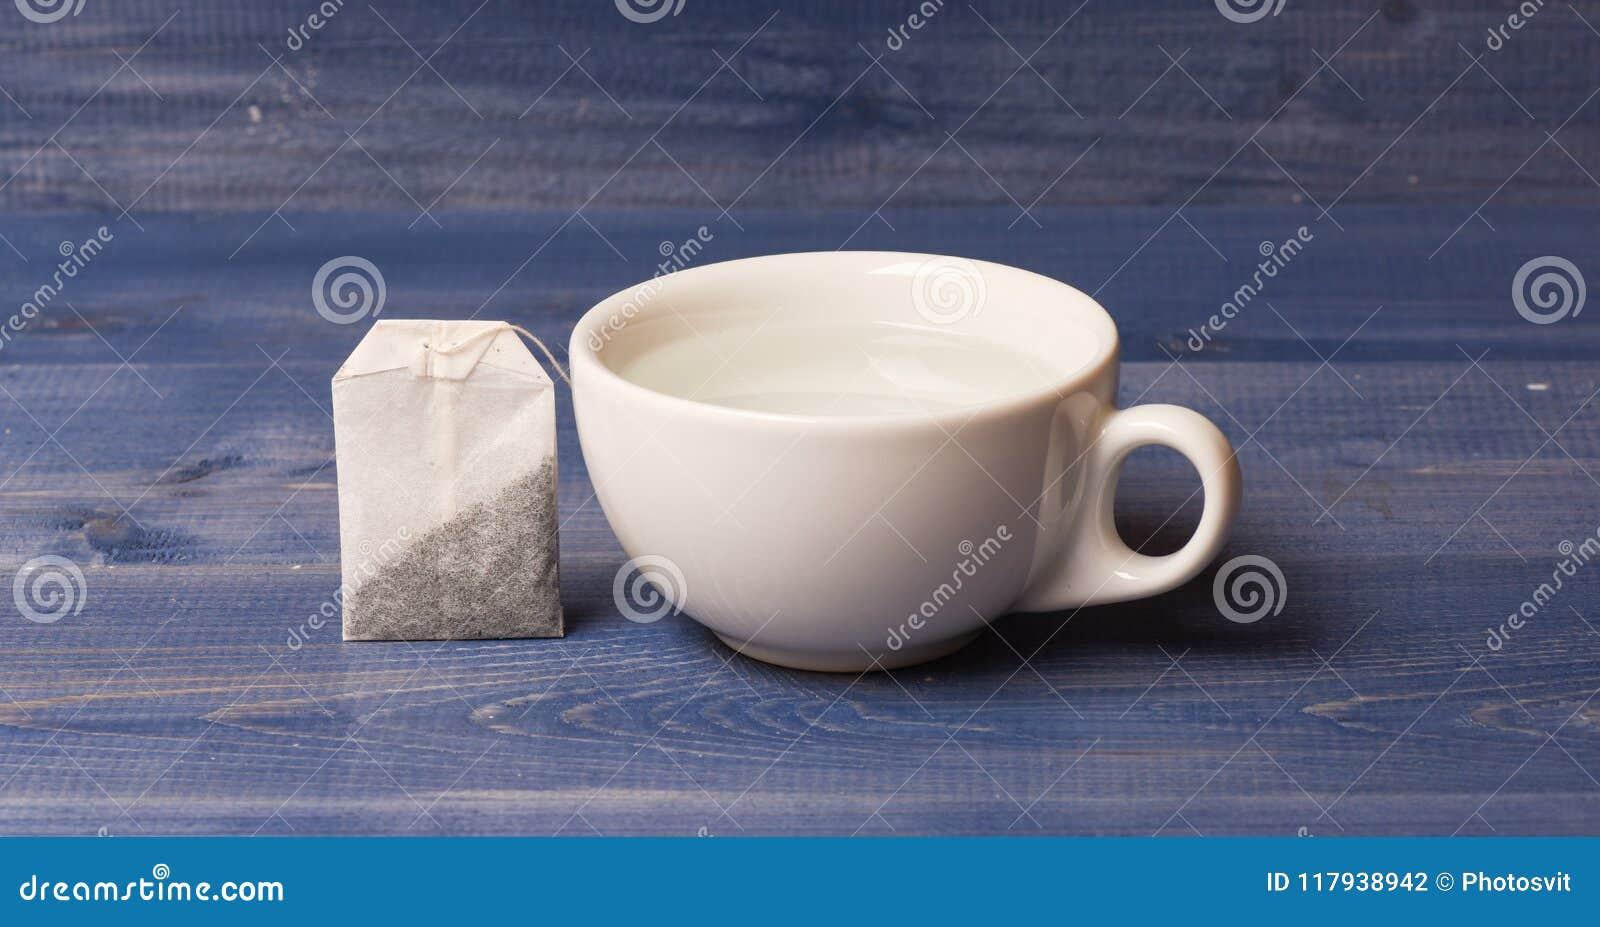 Het concept van de theetijd Kop of witte porseleinmok met transparante warm water en zak thee Proces die van thee binnen brouwen